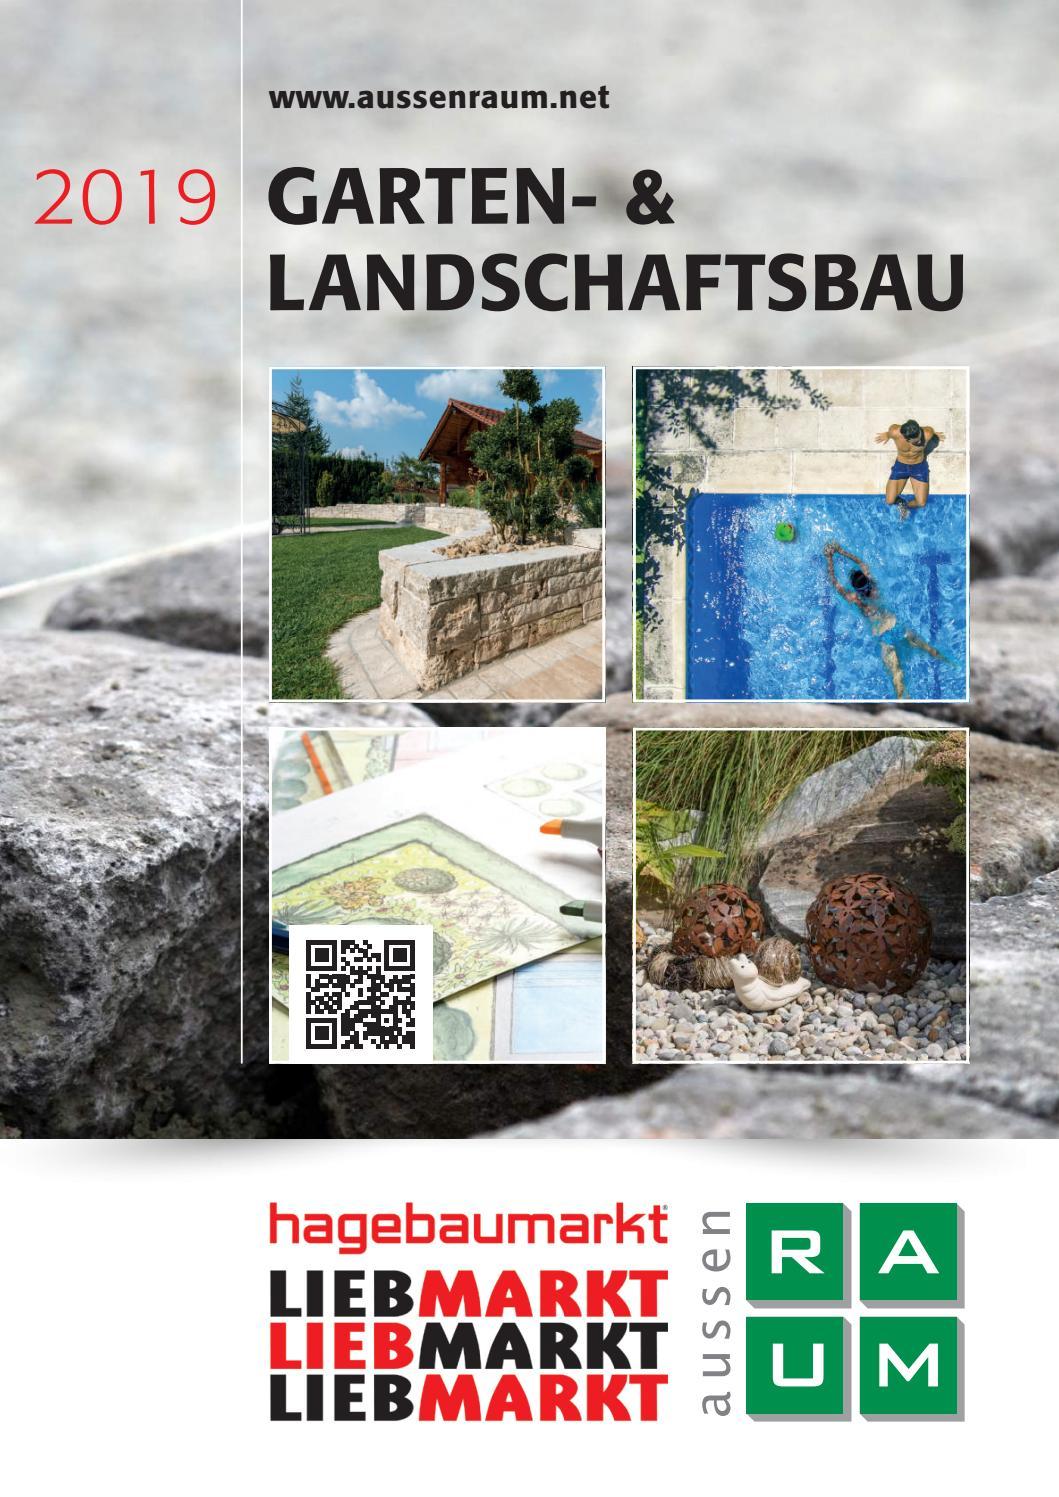 Teich Deko Schön Aussenraum Katalog 2018 by Lieb issuu